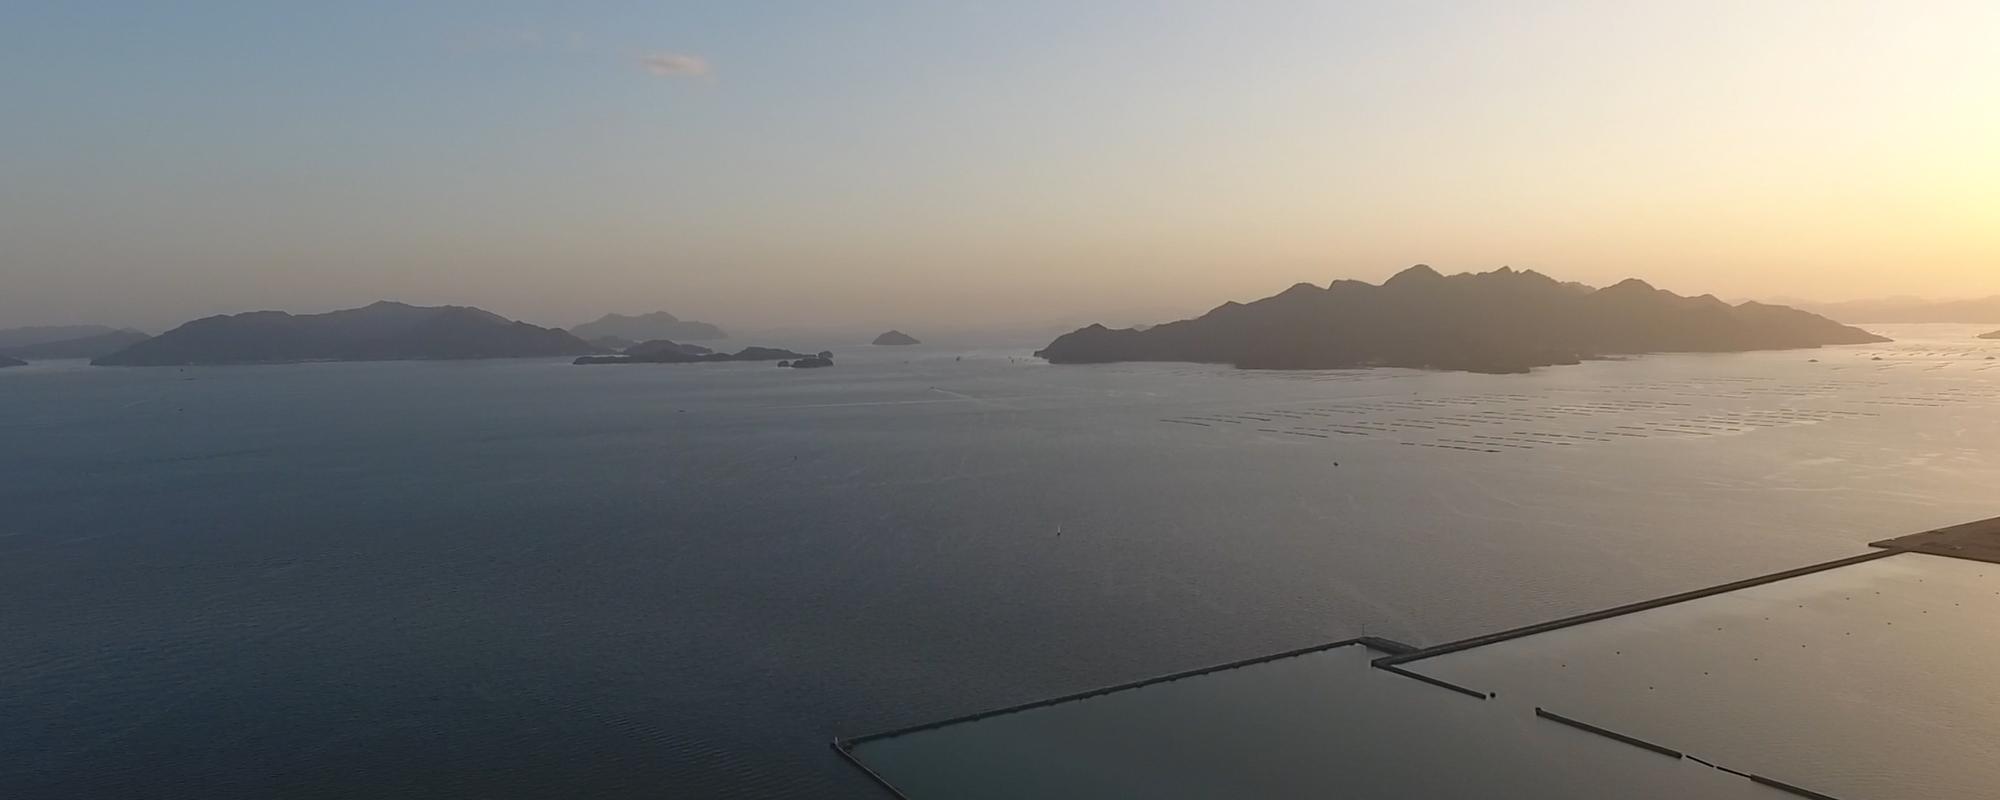 広島わんがんカメラ サイトからのお知らせ